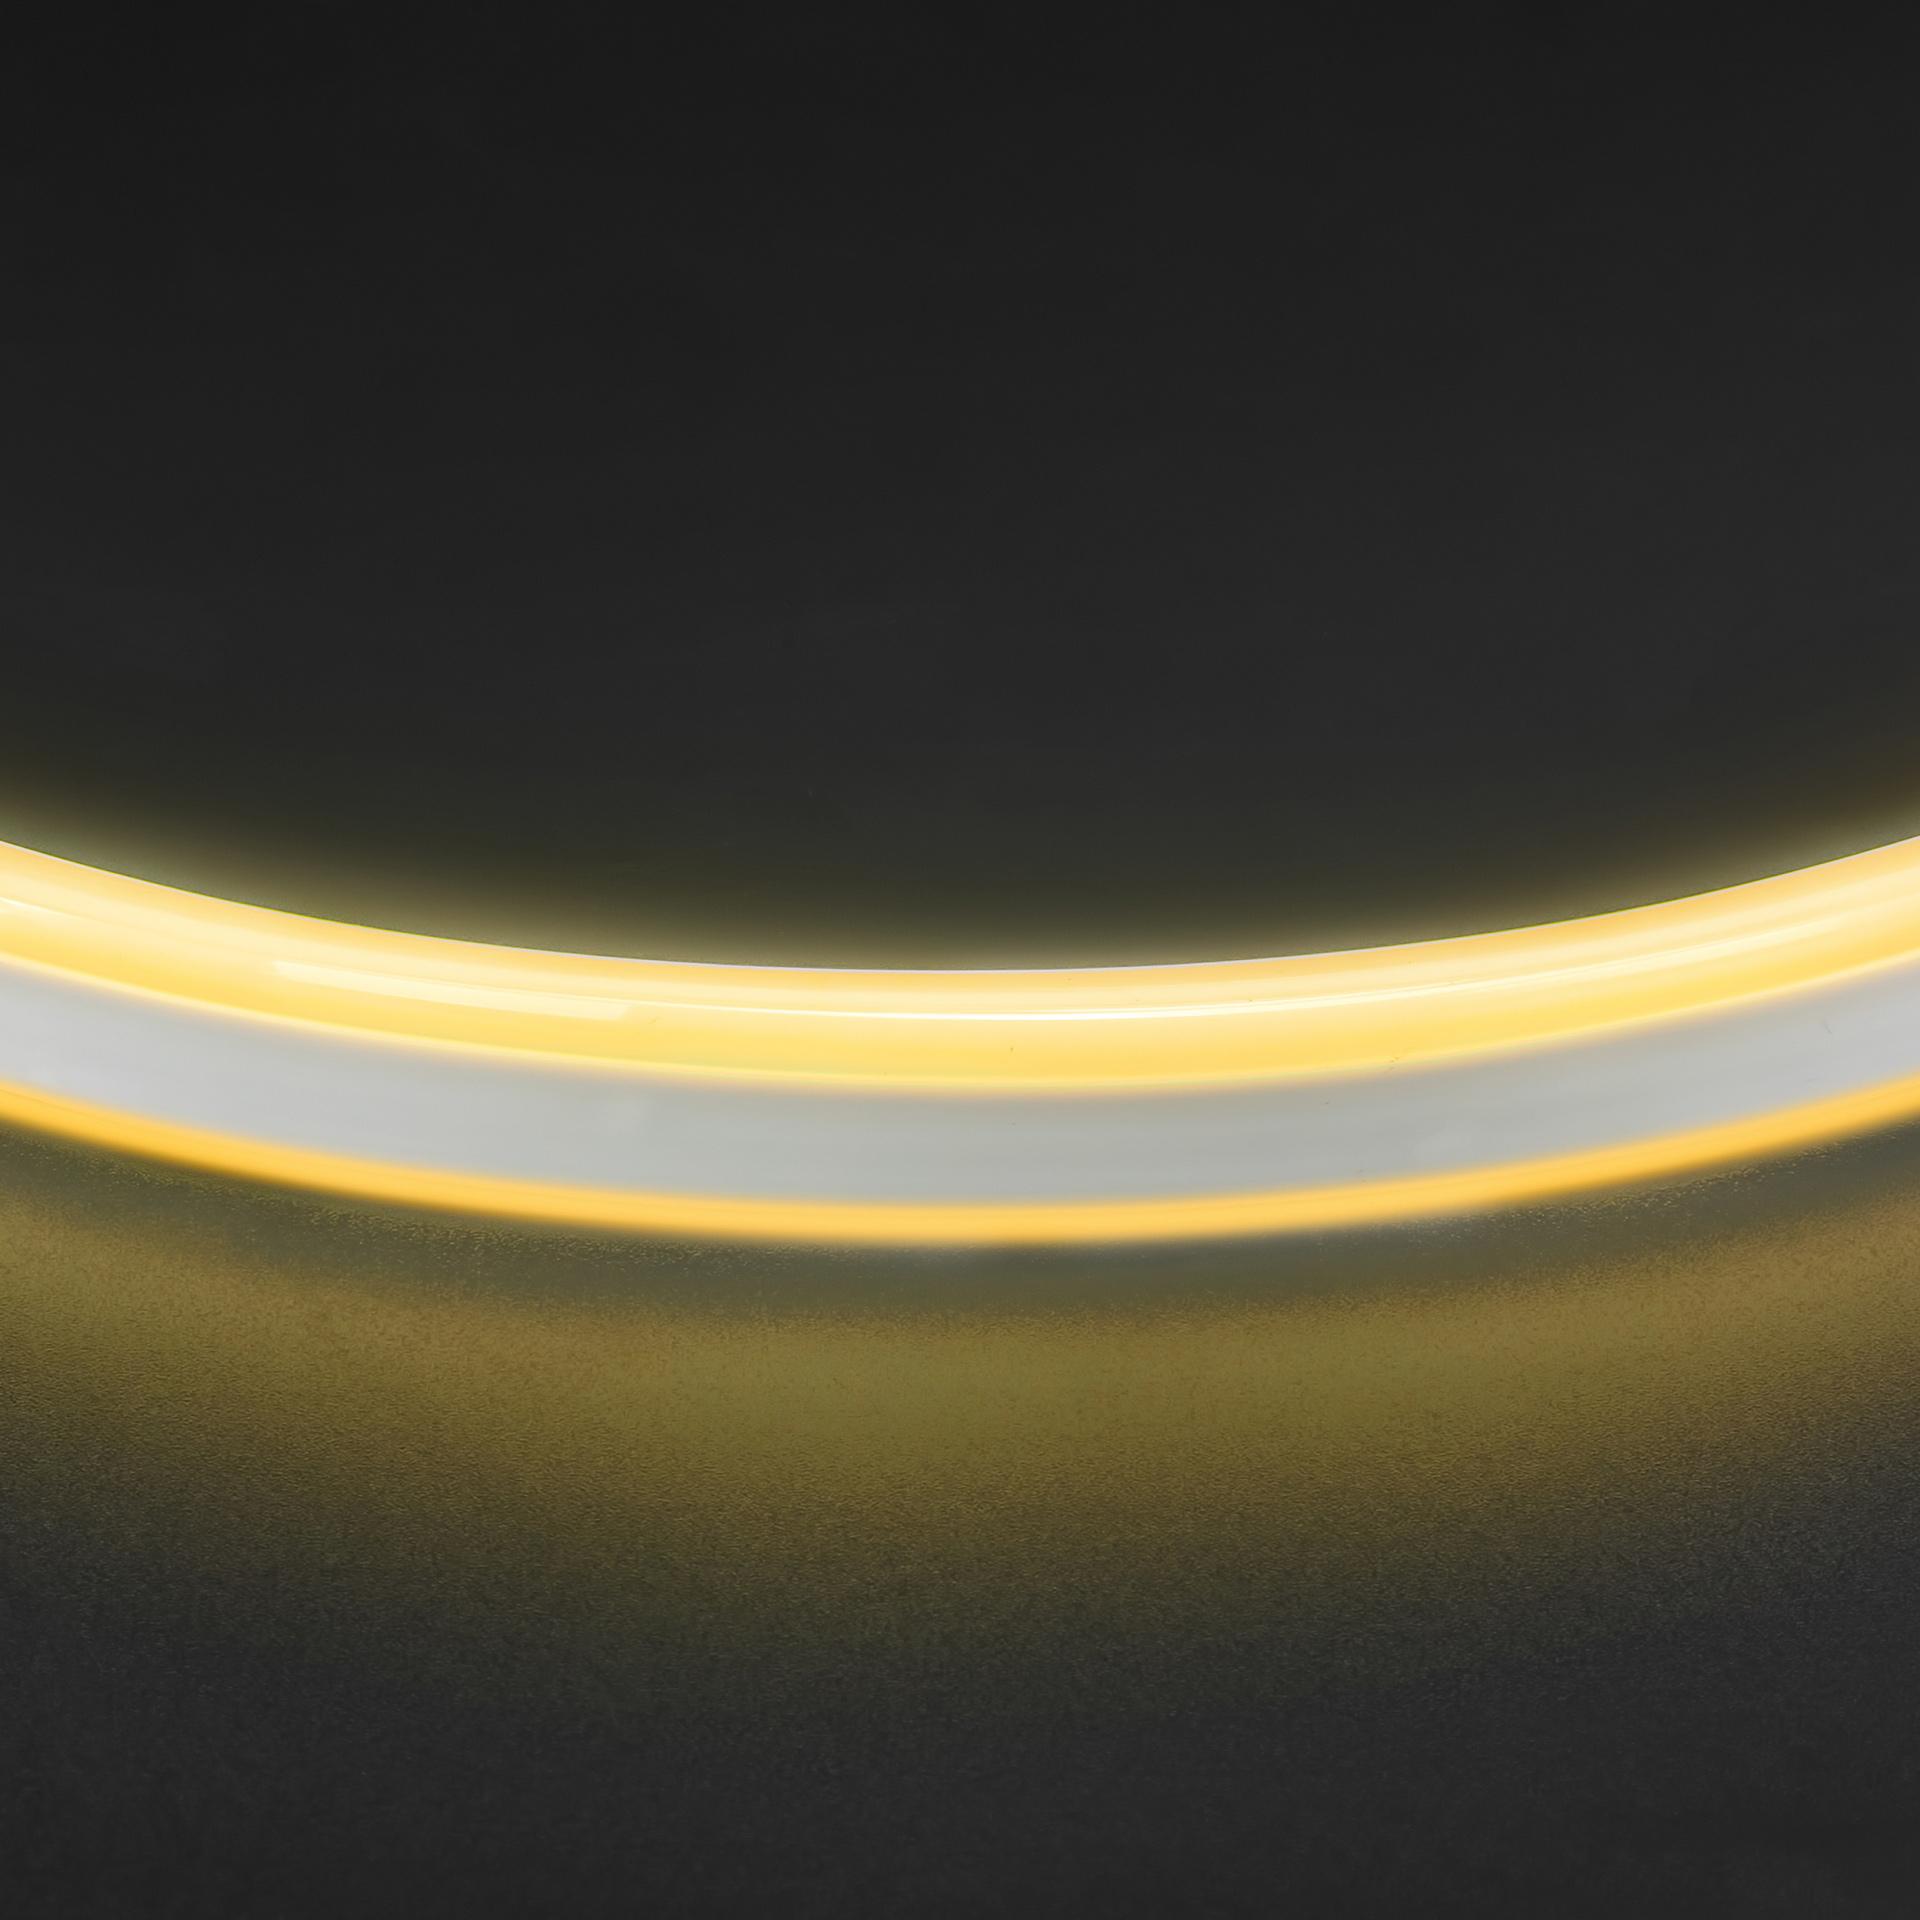 Лента гибкая неоновая NEOLED 220V 120 LED теплый белый цвет IP65 Lightstar 430102, купить в СПб, Москве, с доставкой, Санкт-Петербург, интернет-магазин люстр и светильников Starlight, фото в жизни